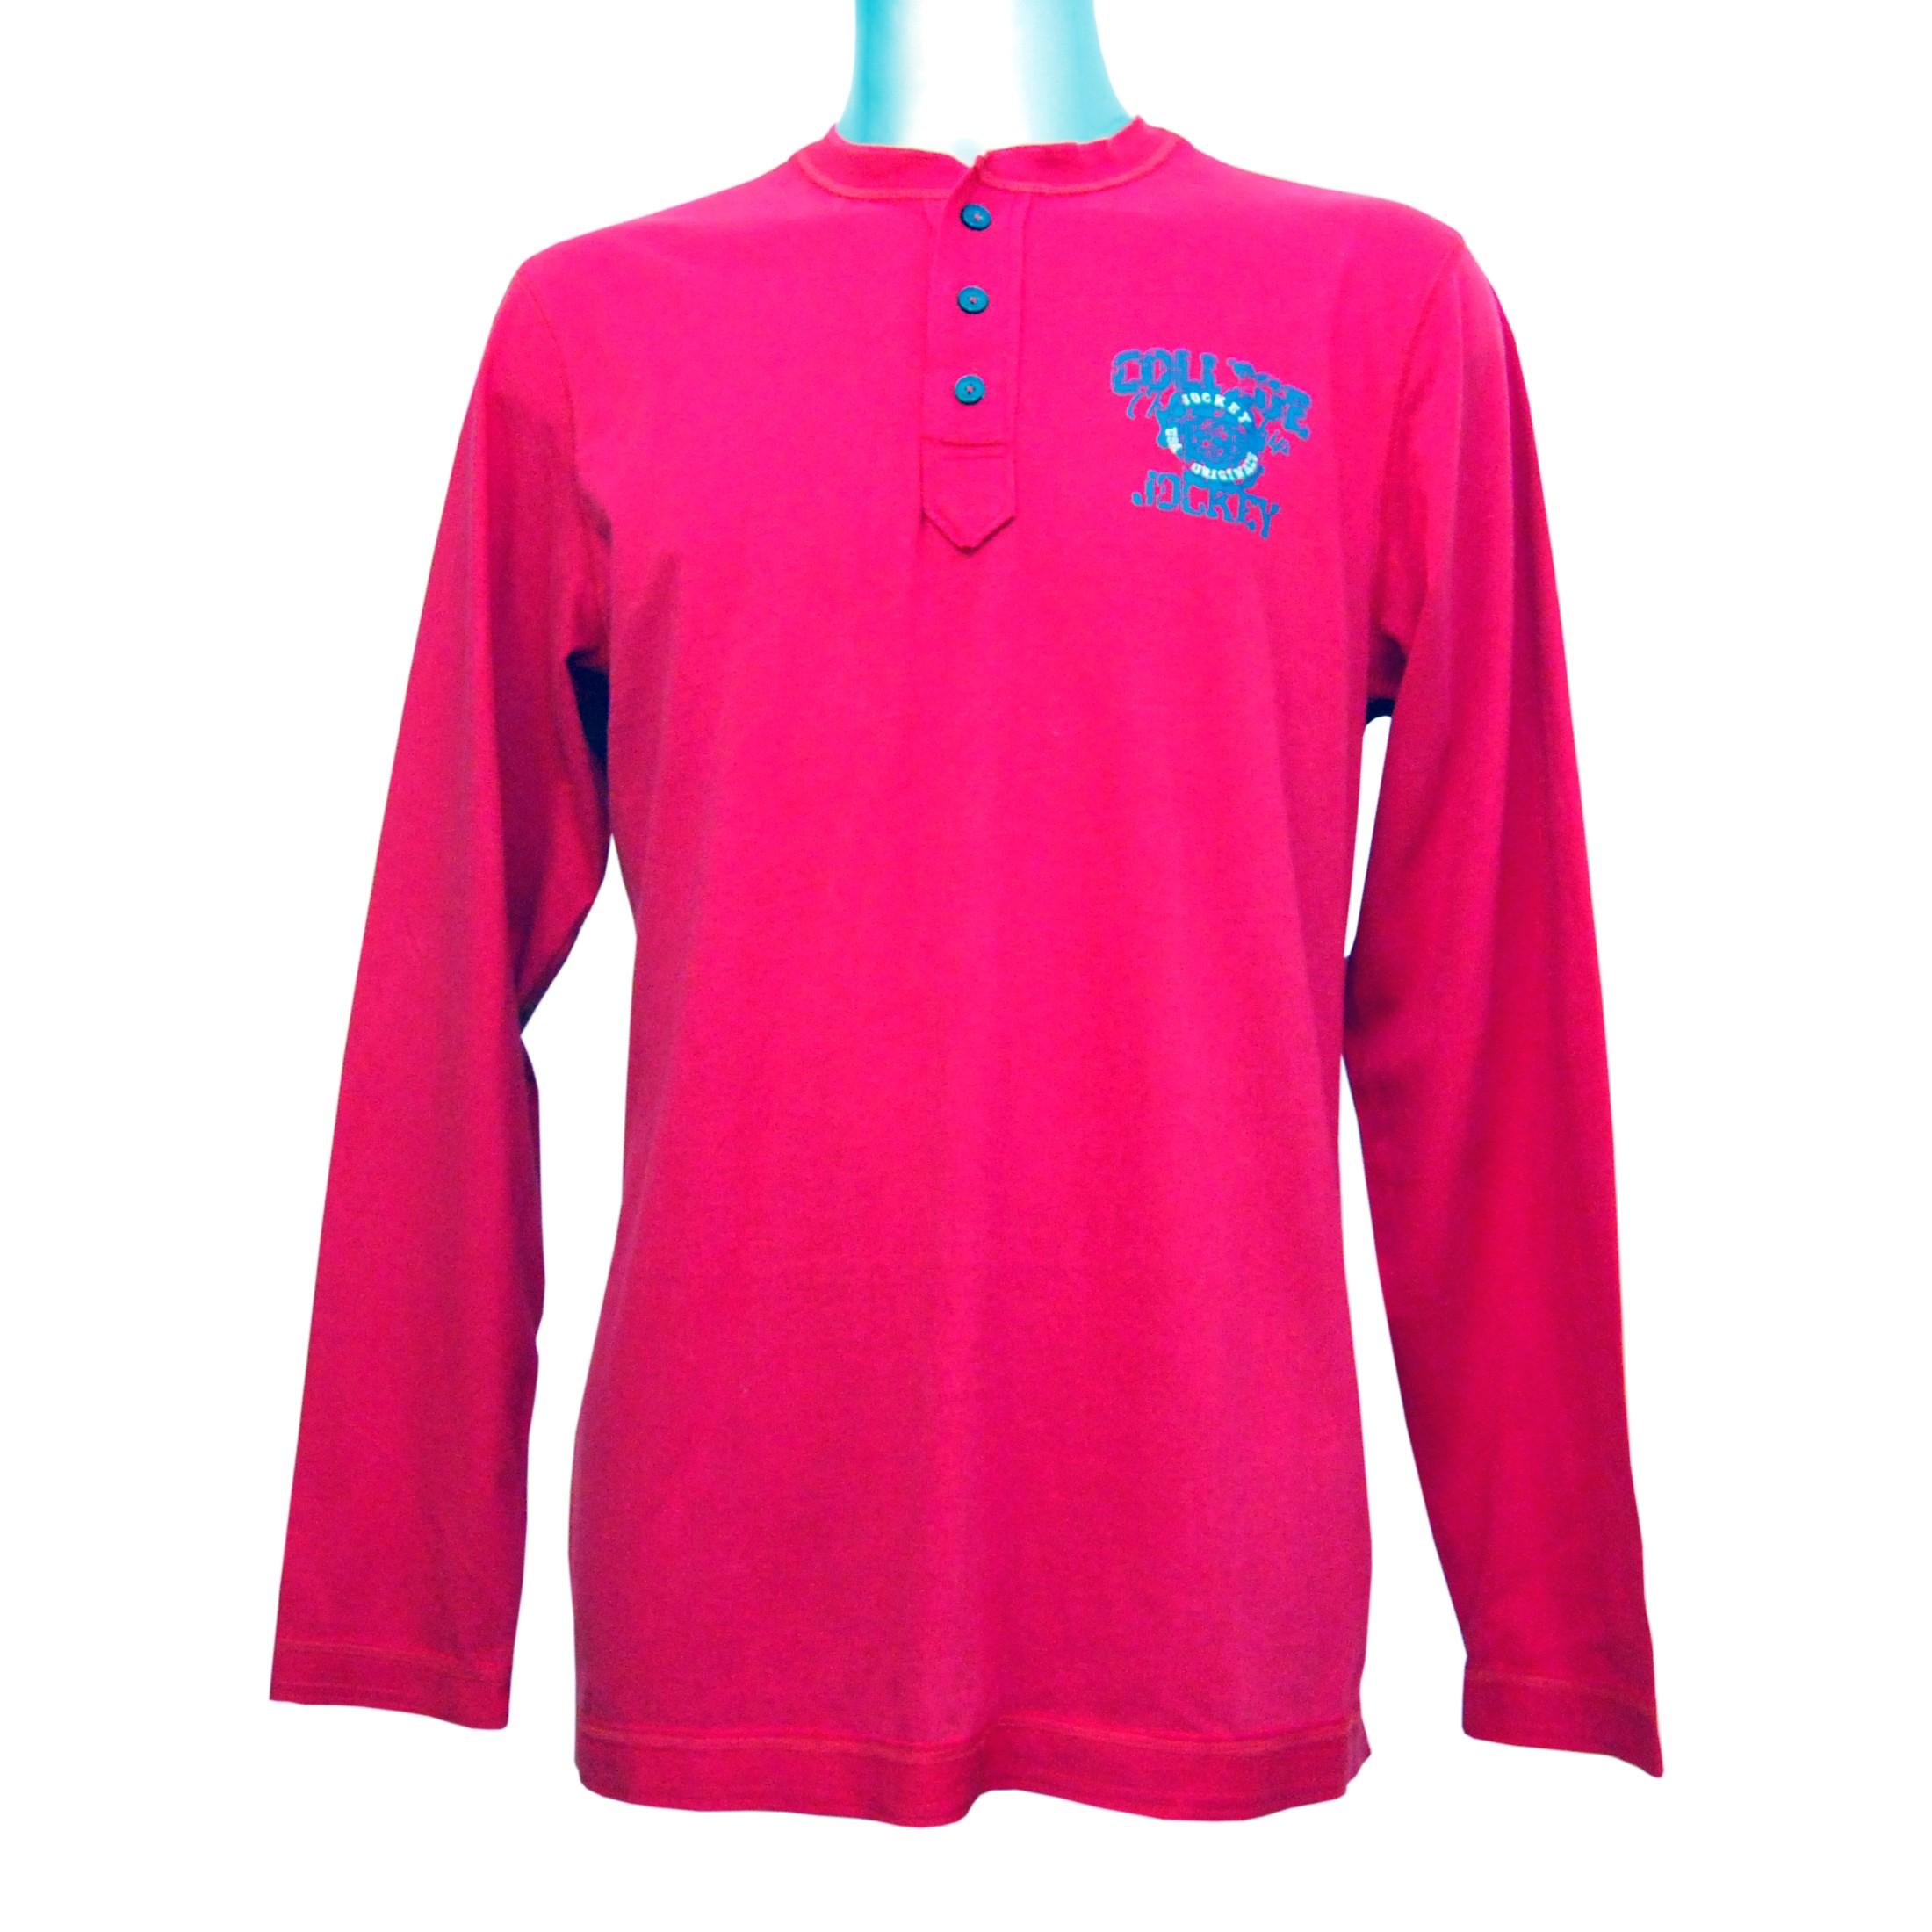 watch dd383 94284 JOCKEY Herren Shirt langarm Rundhals Knopfleiste reine Baumwolle U.S.A  Originals